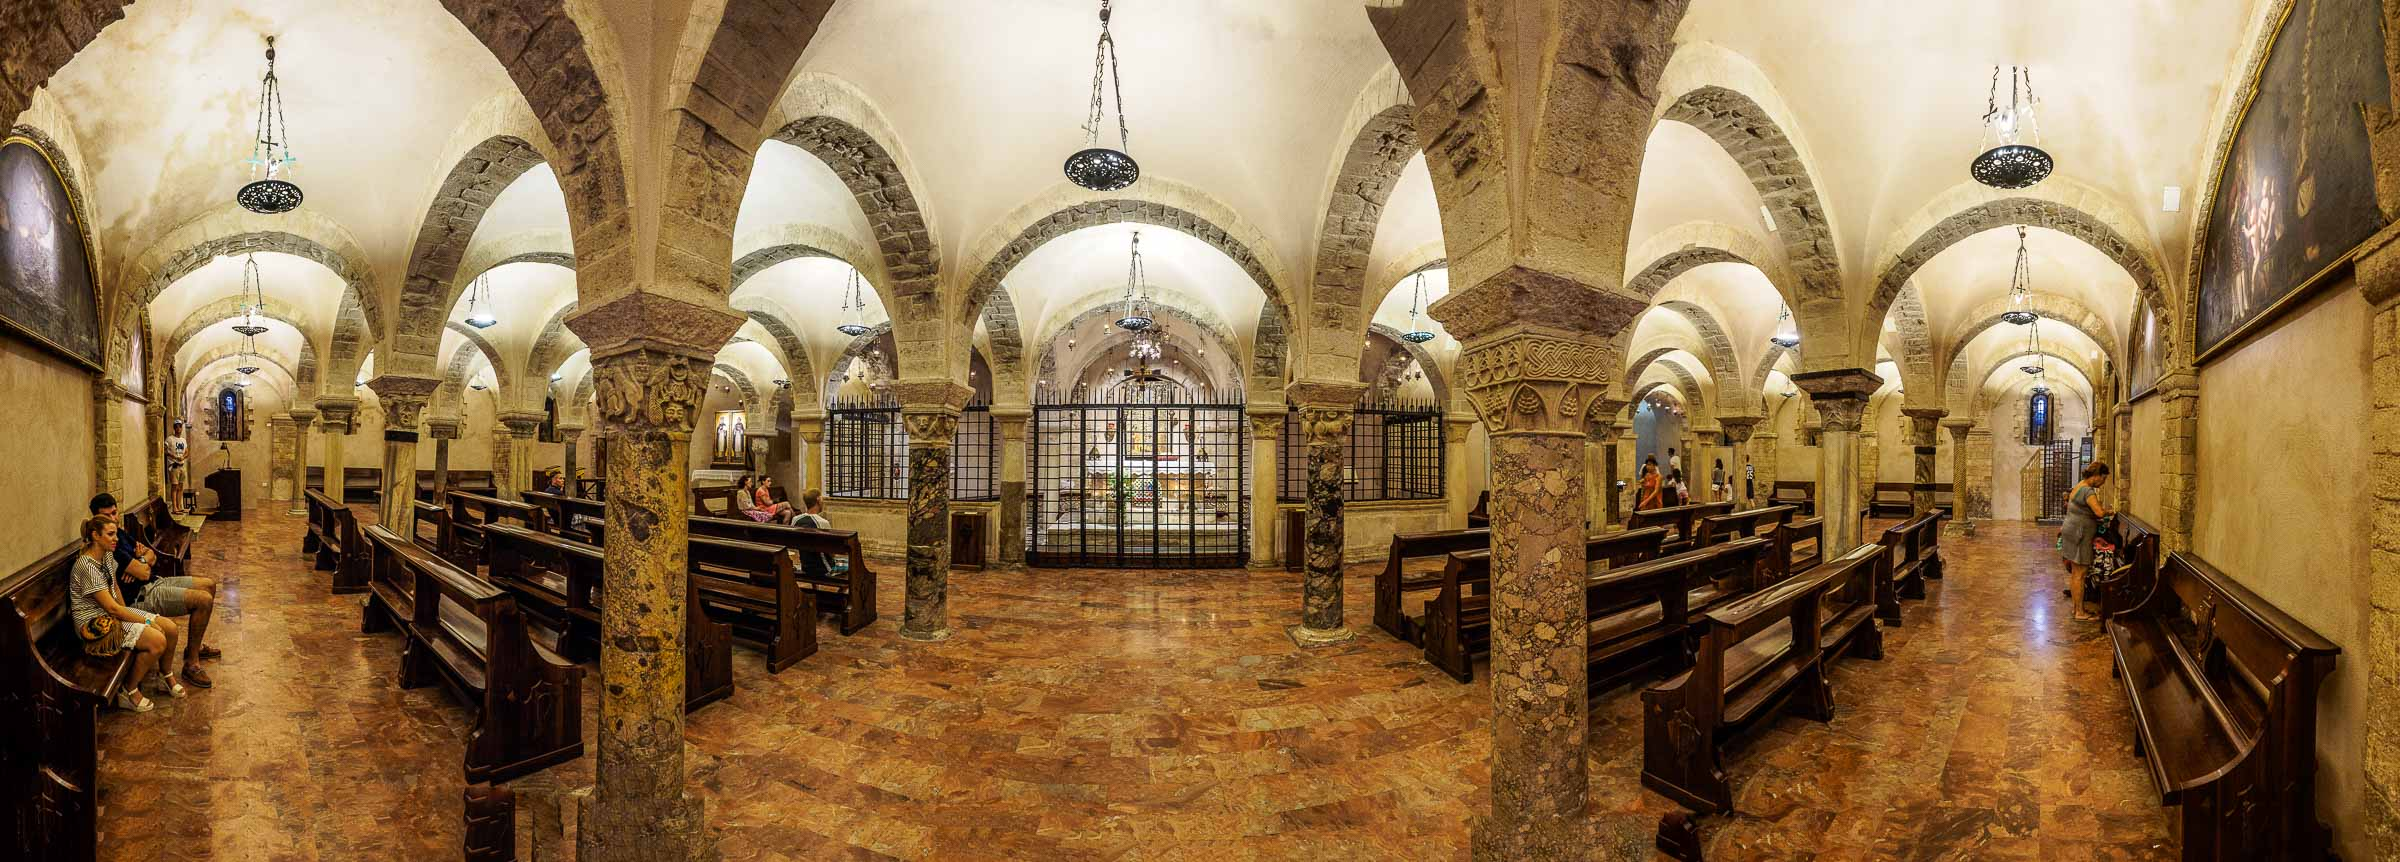 Bari Church Inside